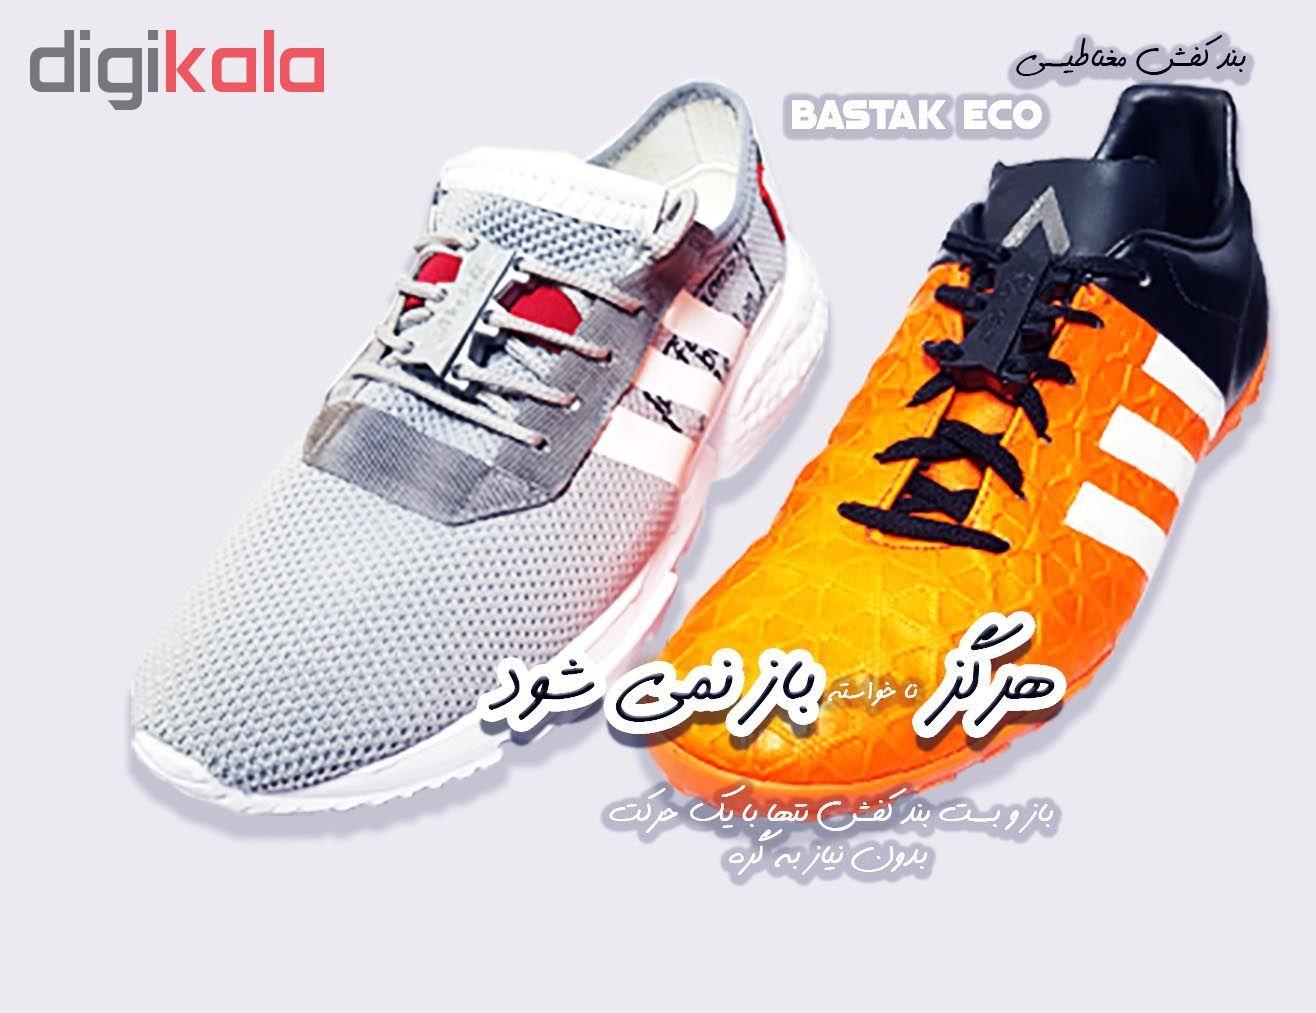 بند کفش مغناطیسی بستاک مدل اِکو E111 رنگ مشکی main 1 14